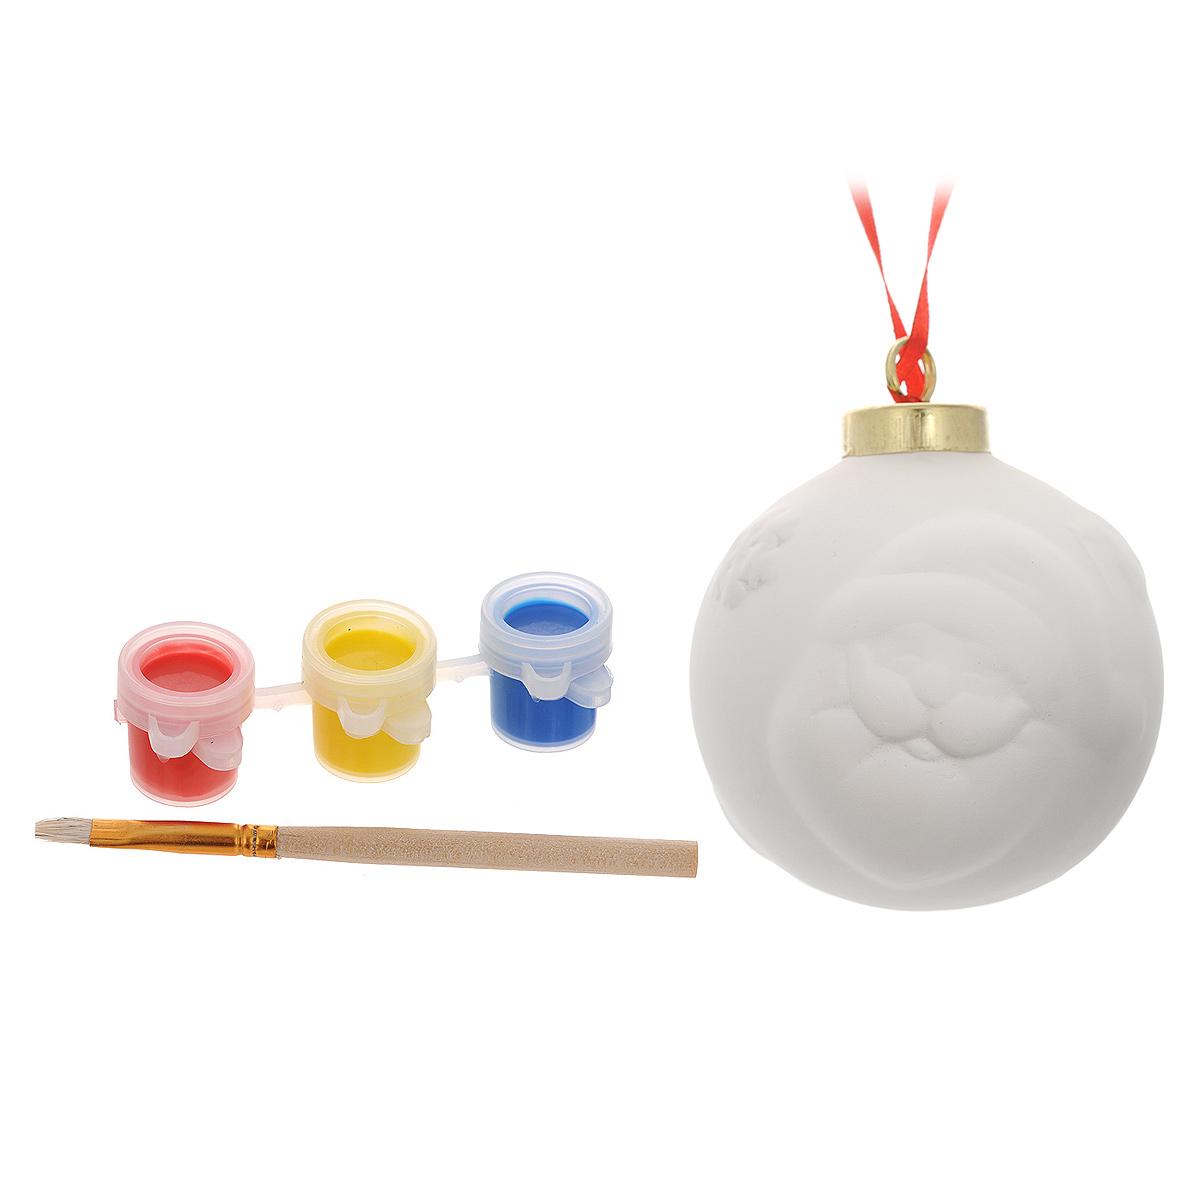 Новогодний набор для творчества Шар, 5 предметов. 3467634676Набор для творчества Шар включает в себя: заготовку из доломитовой глины, три баночки с акварельными красками и кисть. Раскрасьте новогоднюю игрушку вместе с ребенком и повесьте на елку. Игрушка, выполненная своими руками, будет радовать глаз и создаст хорошее настроение. Рельефные раскраски специально разработаны для эффективного применения методик развития памяти, моторики и внимания ребенка. Они позволяют использовать различные приемы оформления и элементы аппликаций, причем уровень сложности вы можете выбирать самостоятельно. Длина кисти: 9,5 см. Размер баночки с краской: 3 см x 2 см x 1,5 см. Диаметр заготовки: 6,5 см.